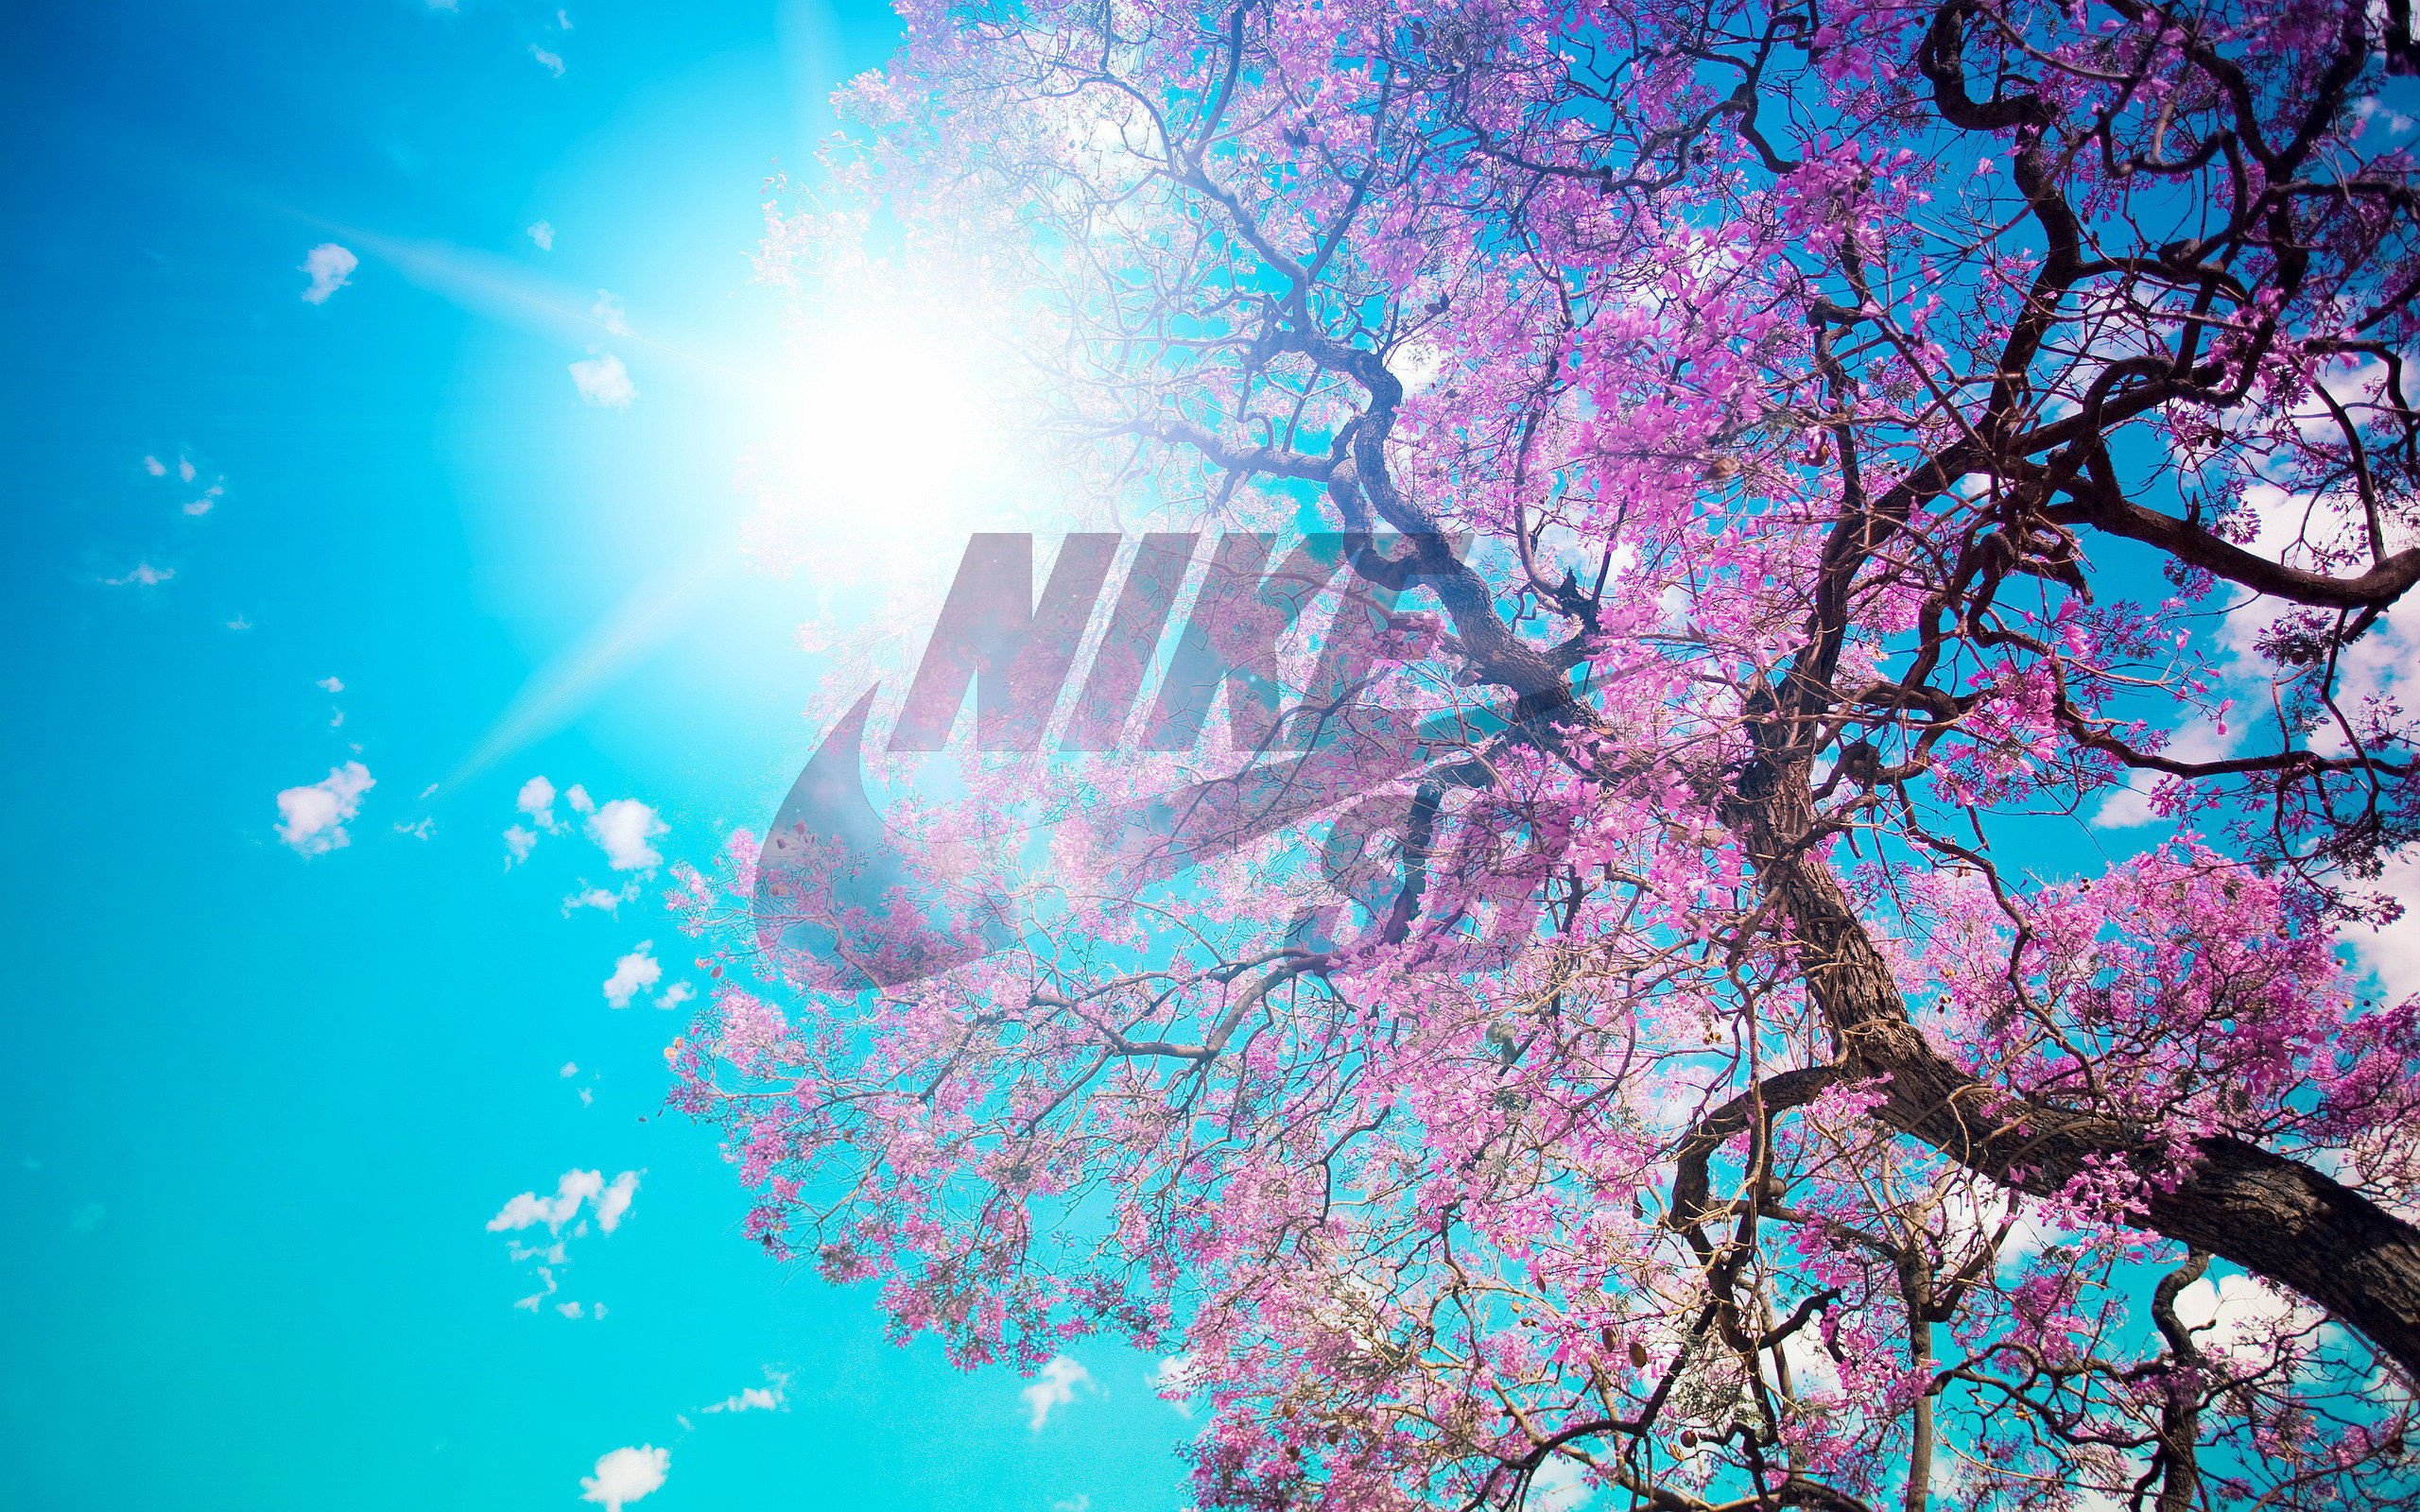 26c13e66ab99 2560x1600 2560x1600 25 best ideas about  b Nike sb wallpaper  b